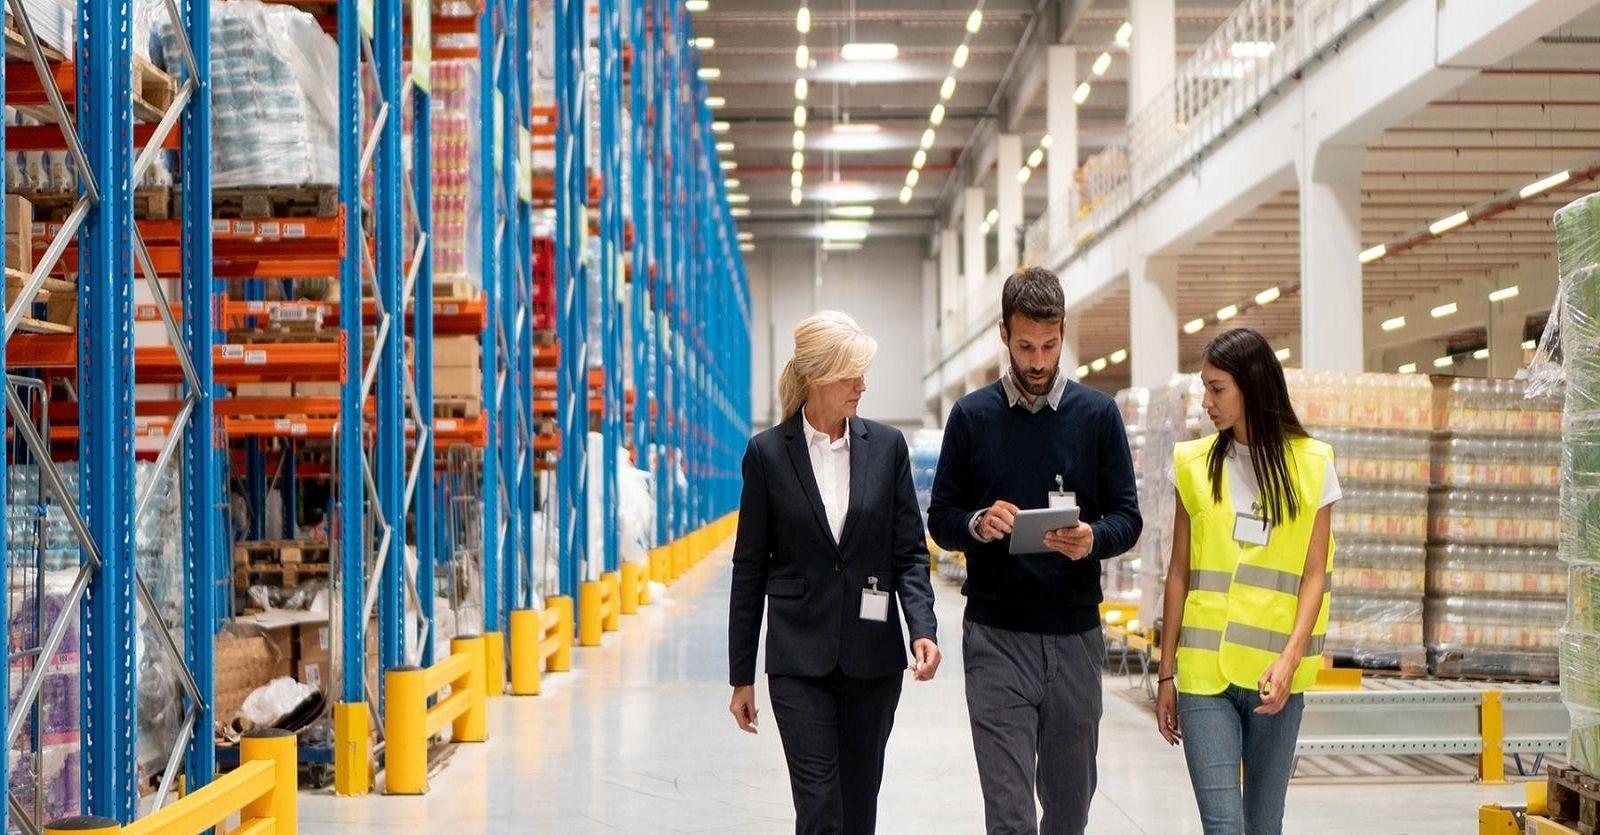 Quản lý kho bãi là công việc phổ biến trong ngành logistics và chuỗi cung ứng